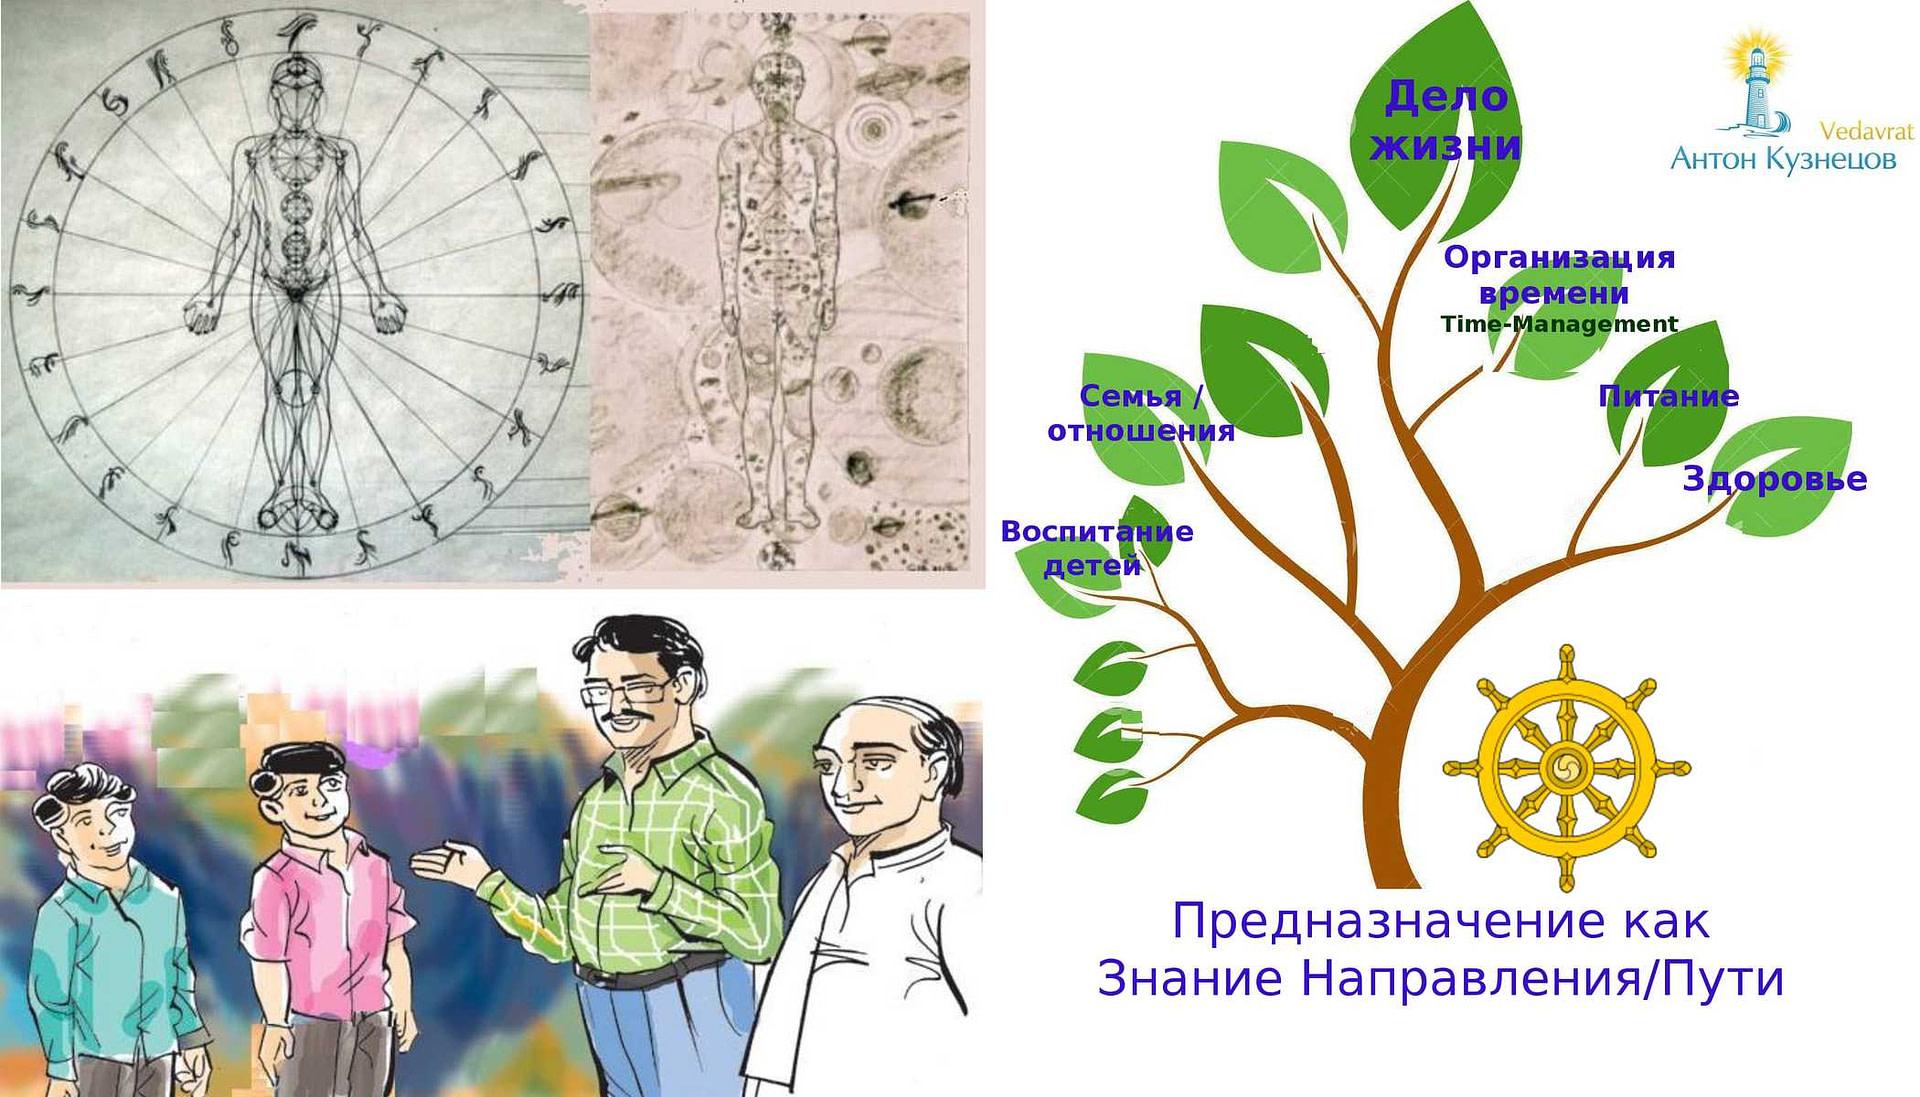 *** Дхармаиндивидуальный путь распространения Духа человека в среде его воплощения - Предназначение Высший Долг ***